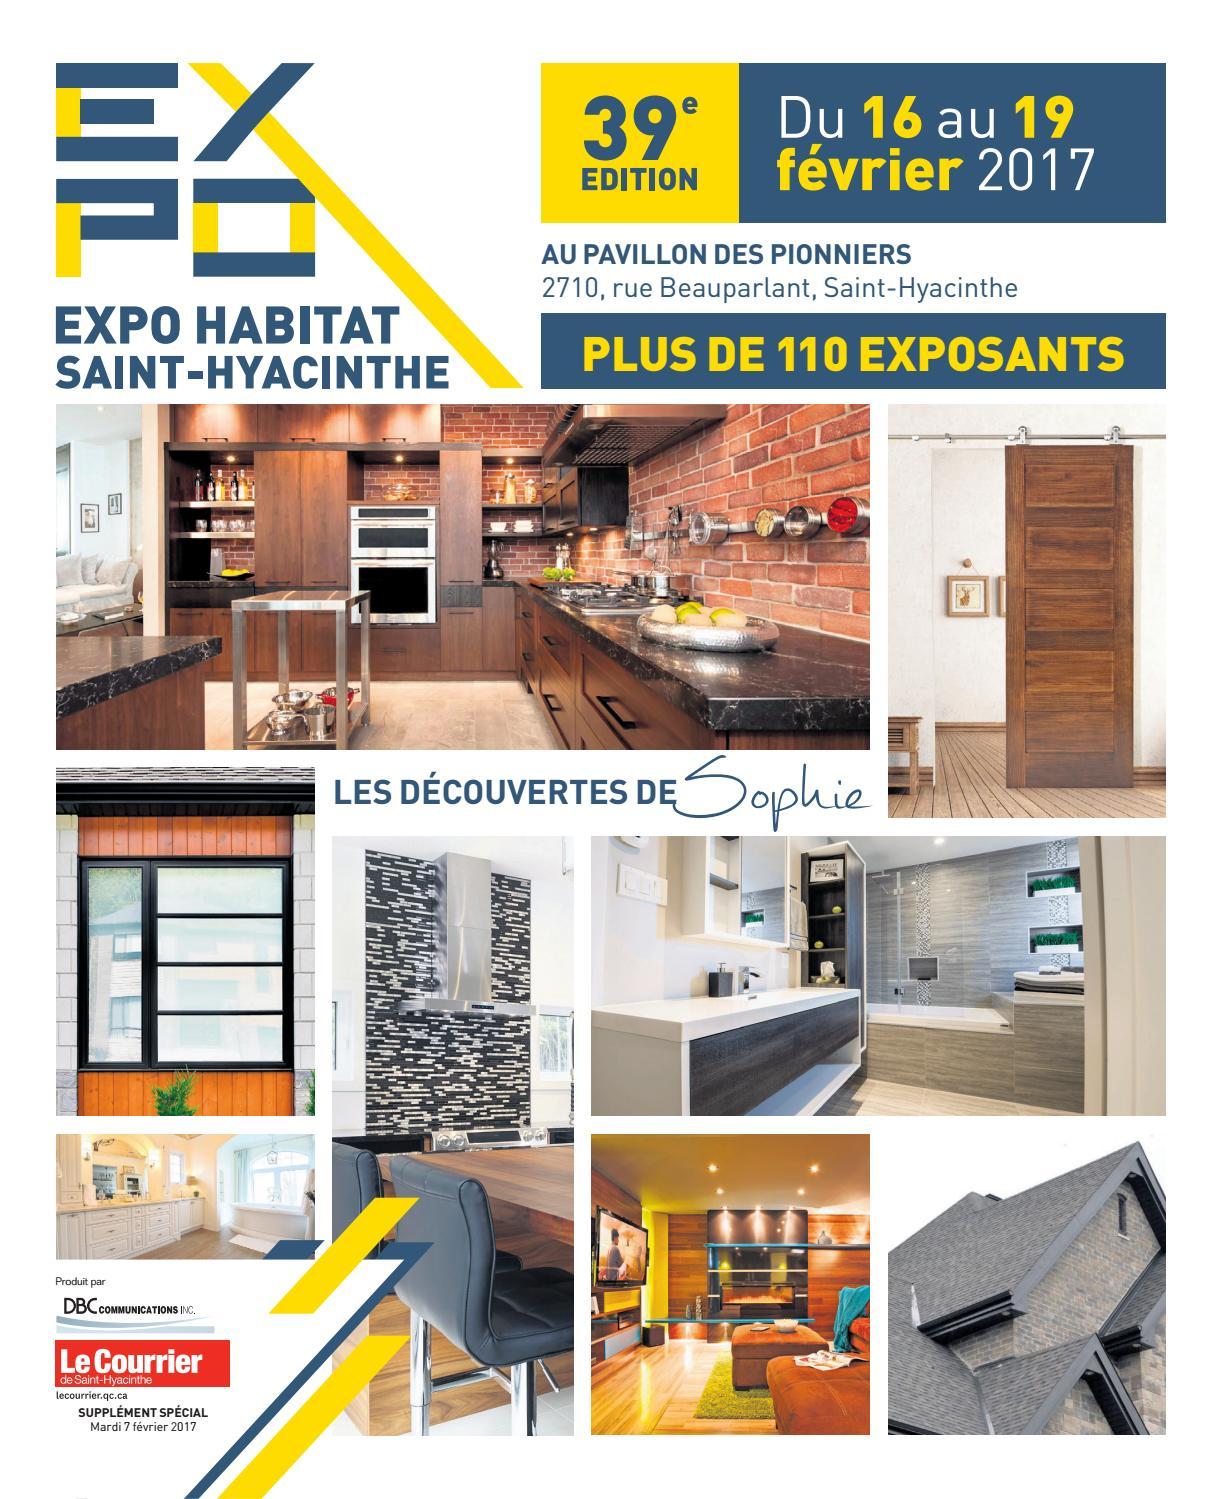 Expo habitat de saint hyacinthe 2017 by dbc for Porte et fenetre quebecoise st hyacinthe